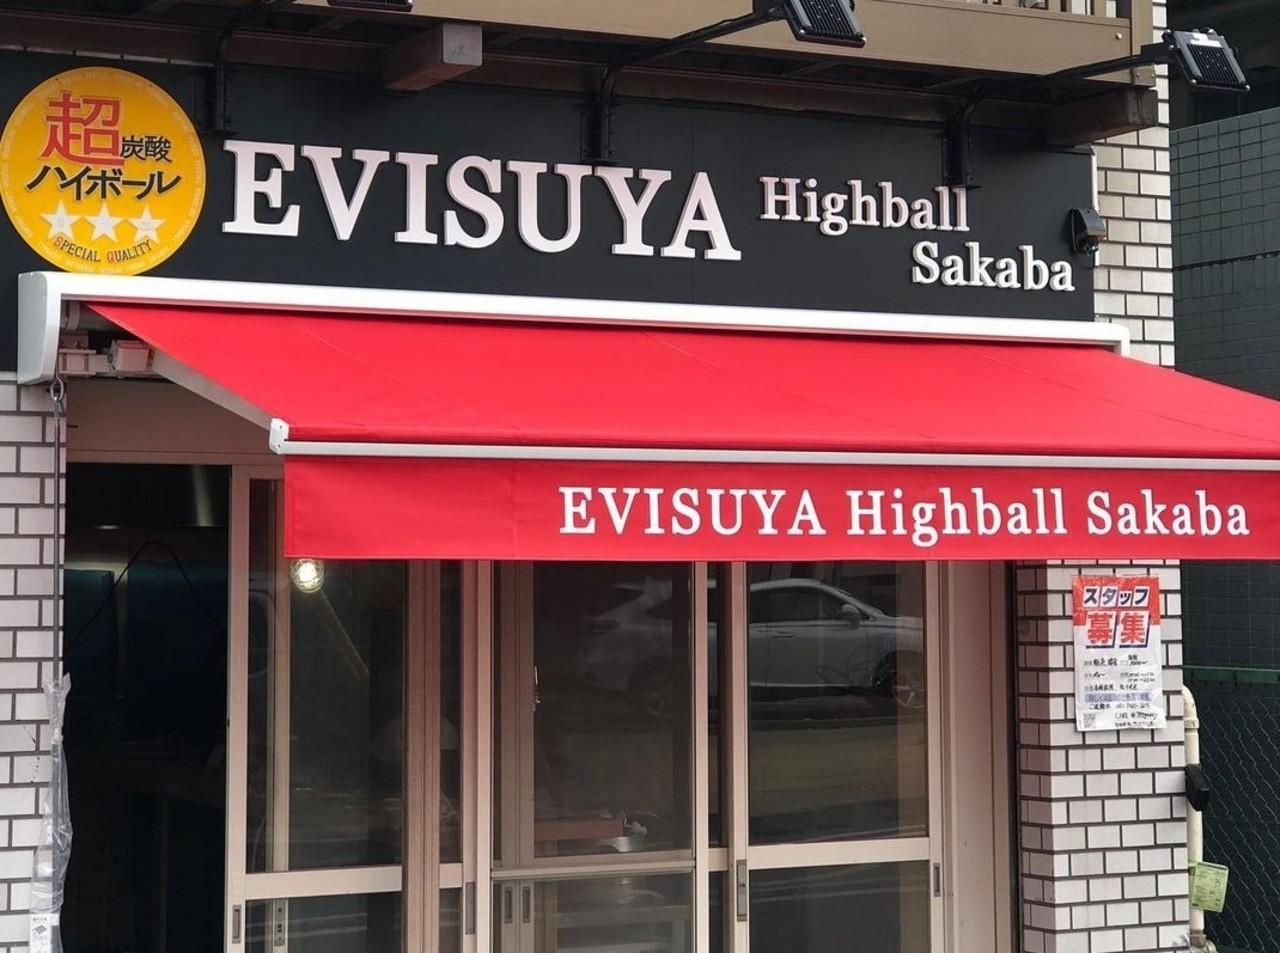 埼玉県戸田市喜沢1丁目に「ゑびすや西川口店」が明日オープンのようです。